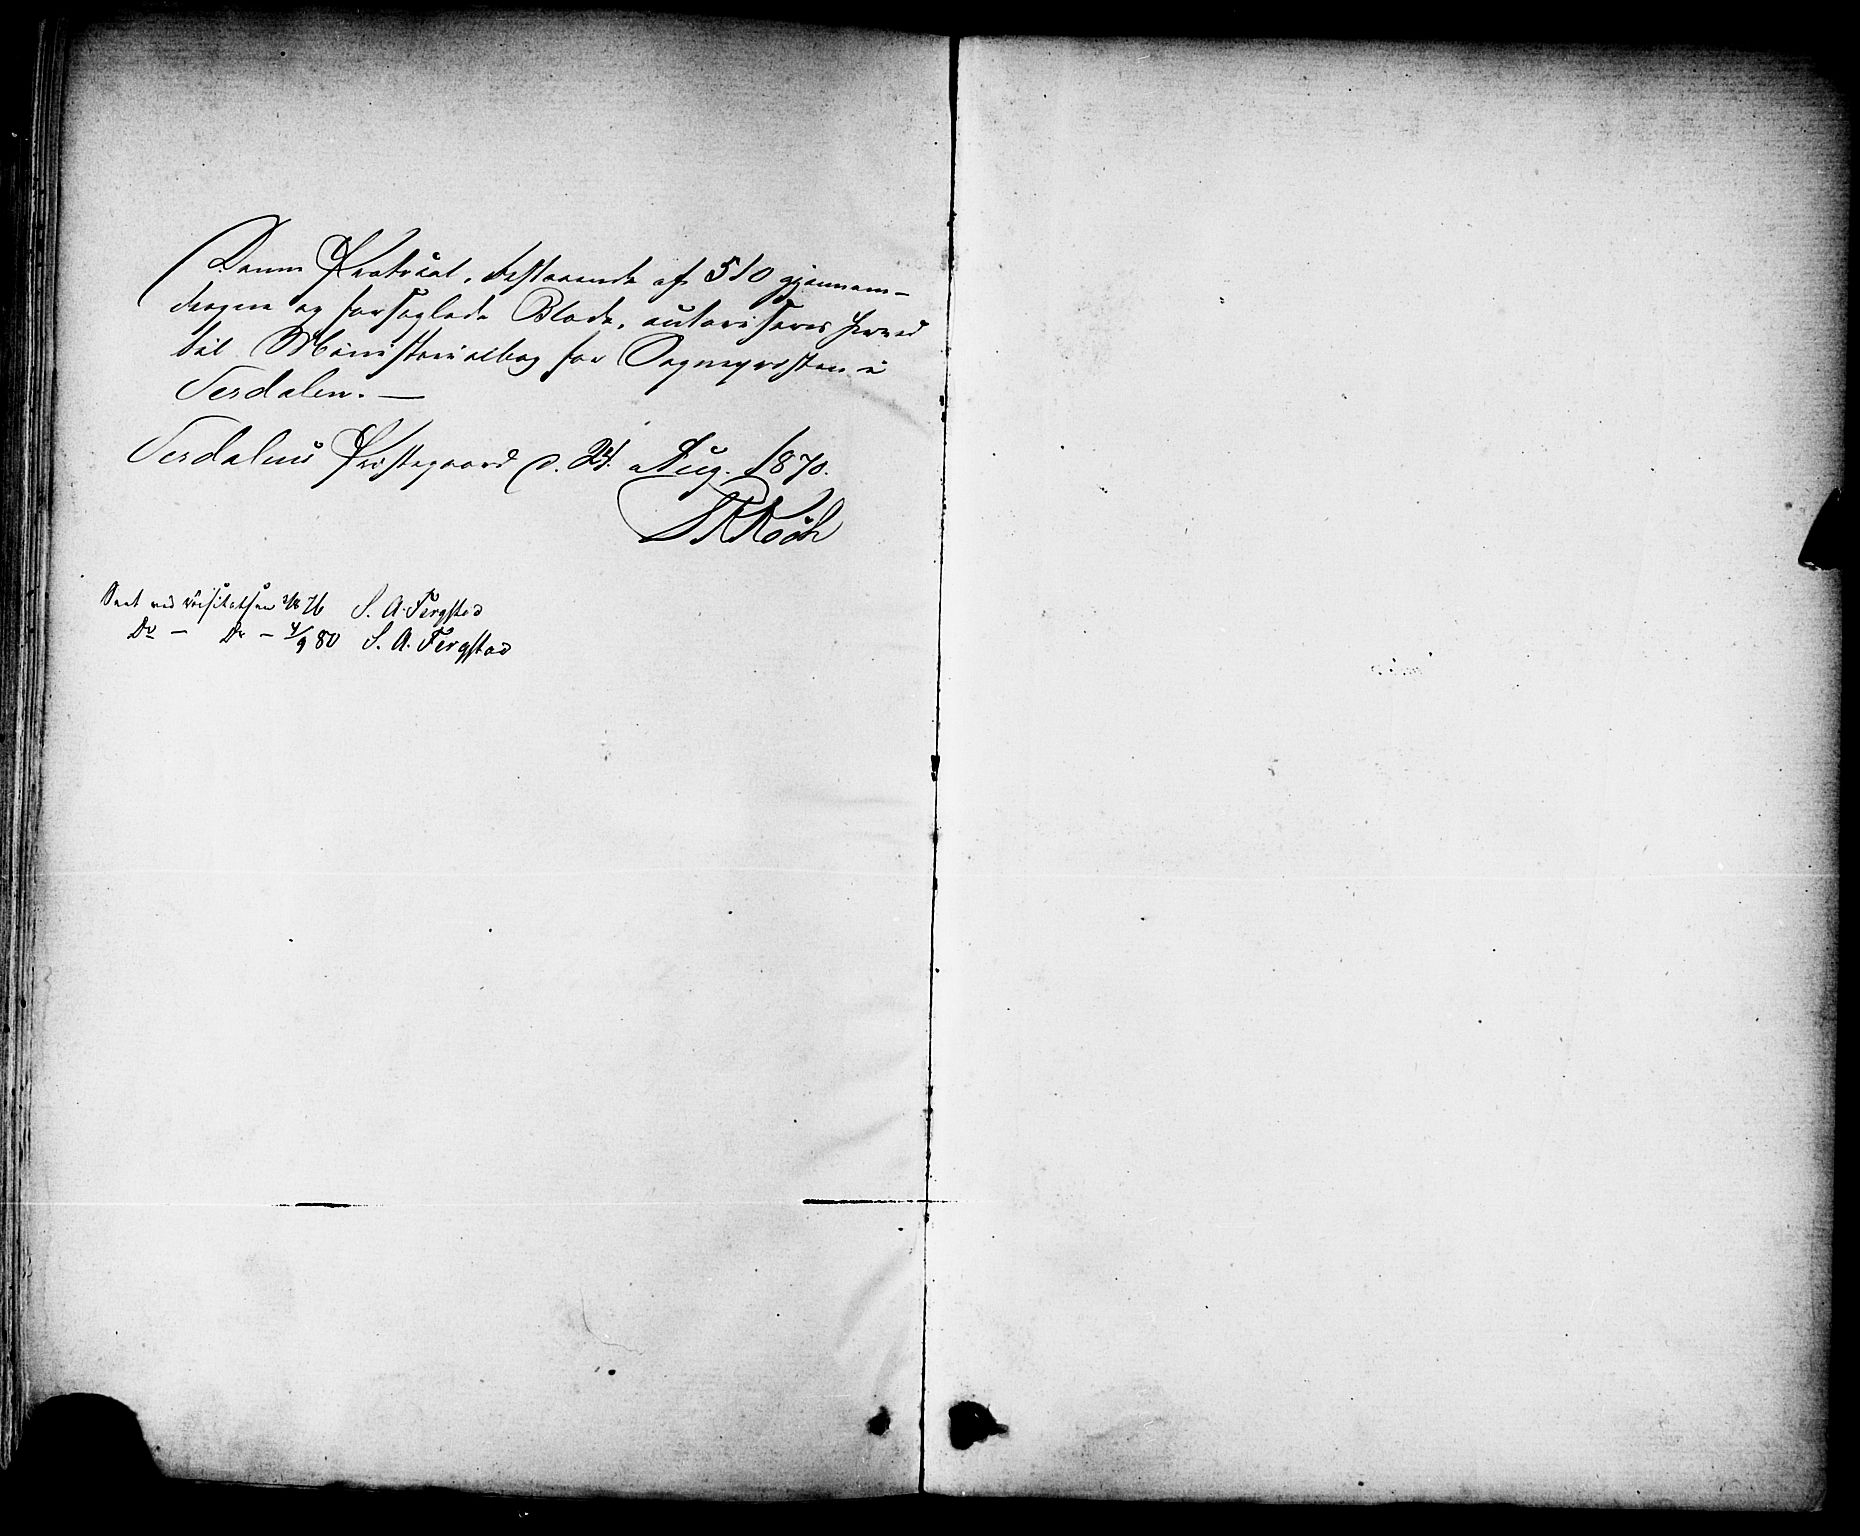 SAT, Ministerialprotokoller, klokkerbøker og fødselsregistre - Nord-Trøndelag, 723/L0242: Ministerialbok nr. 723A11, 1870-1880